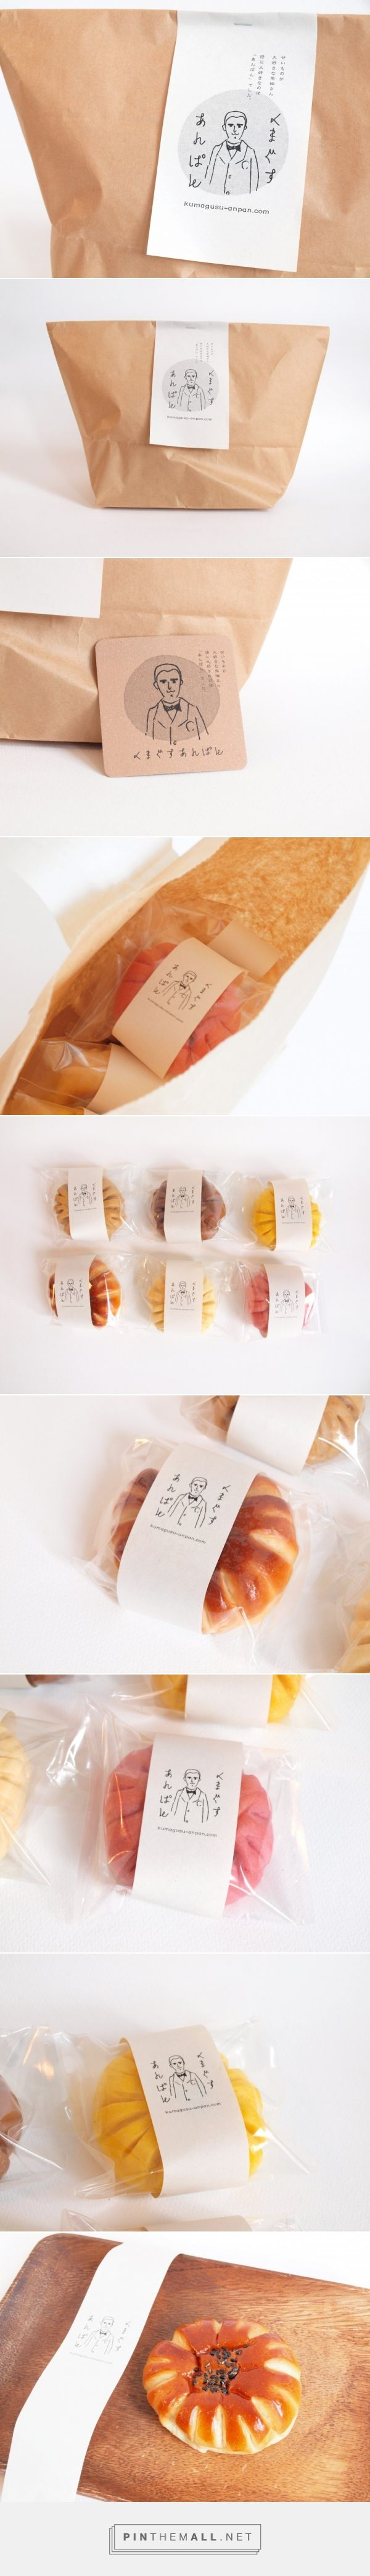 お花の形をした可愛くて美味しい和歌山の「くまぐすあんぱん」 – KAWACOLLE かわいいデザインのコレクションサイト Buns or cookies? curated by Packaging Diva PD created via http://kawacolle.jp/2015/02/kumagusu-anpan/